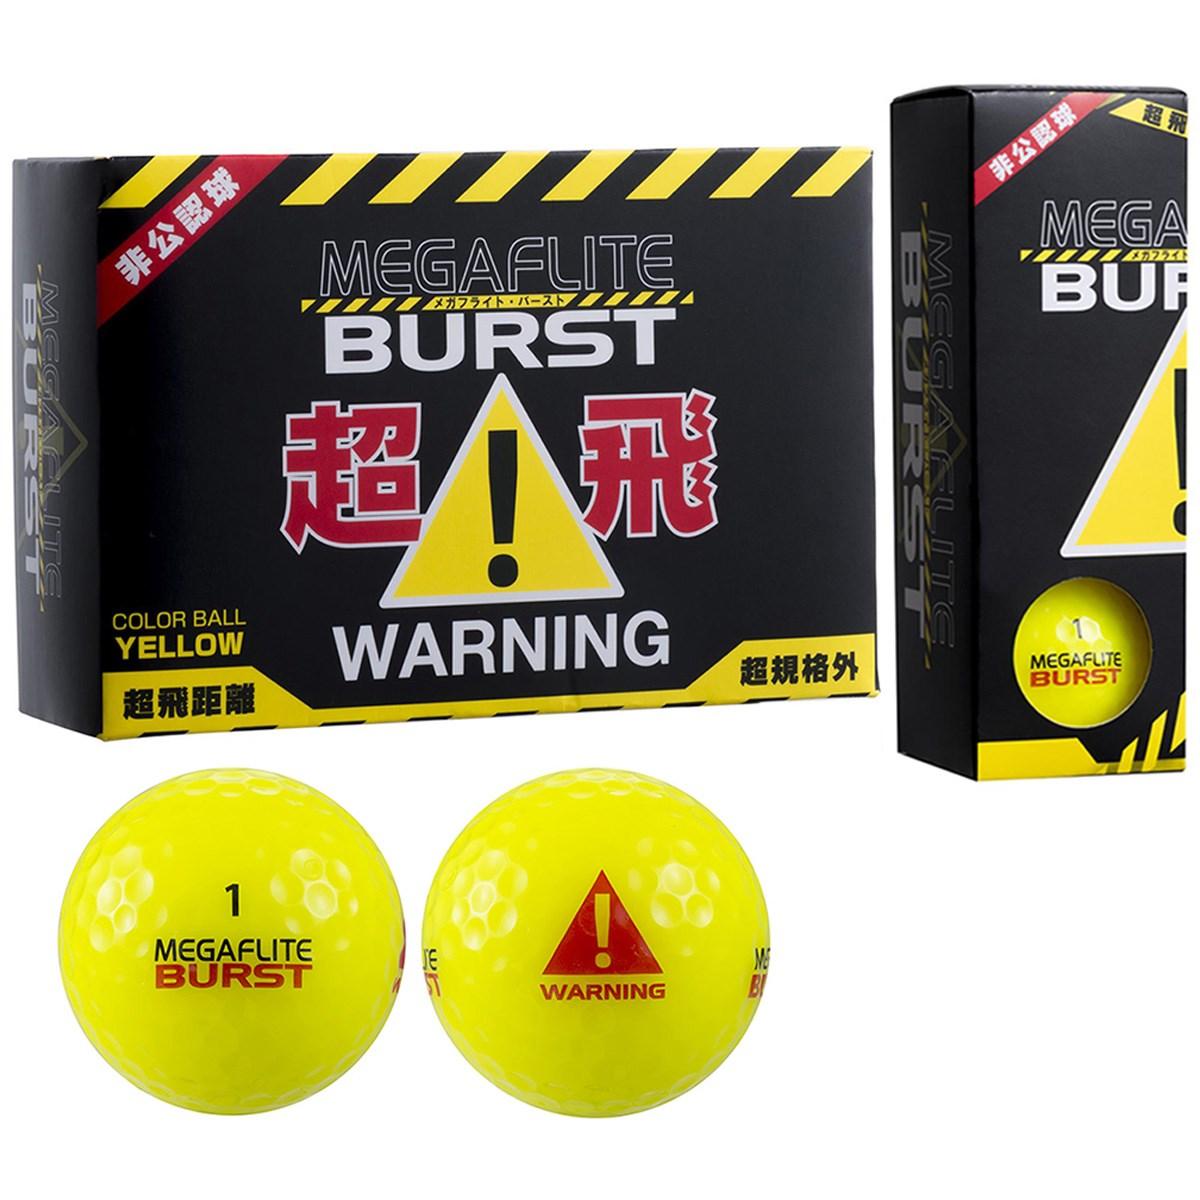 朝日ゴルフ用品 MEGAFLITE BURST 飛び過ぎ注意ボール 半ダース 半ダース(6個入り) イエロー 【非公認球】